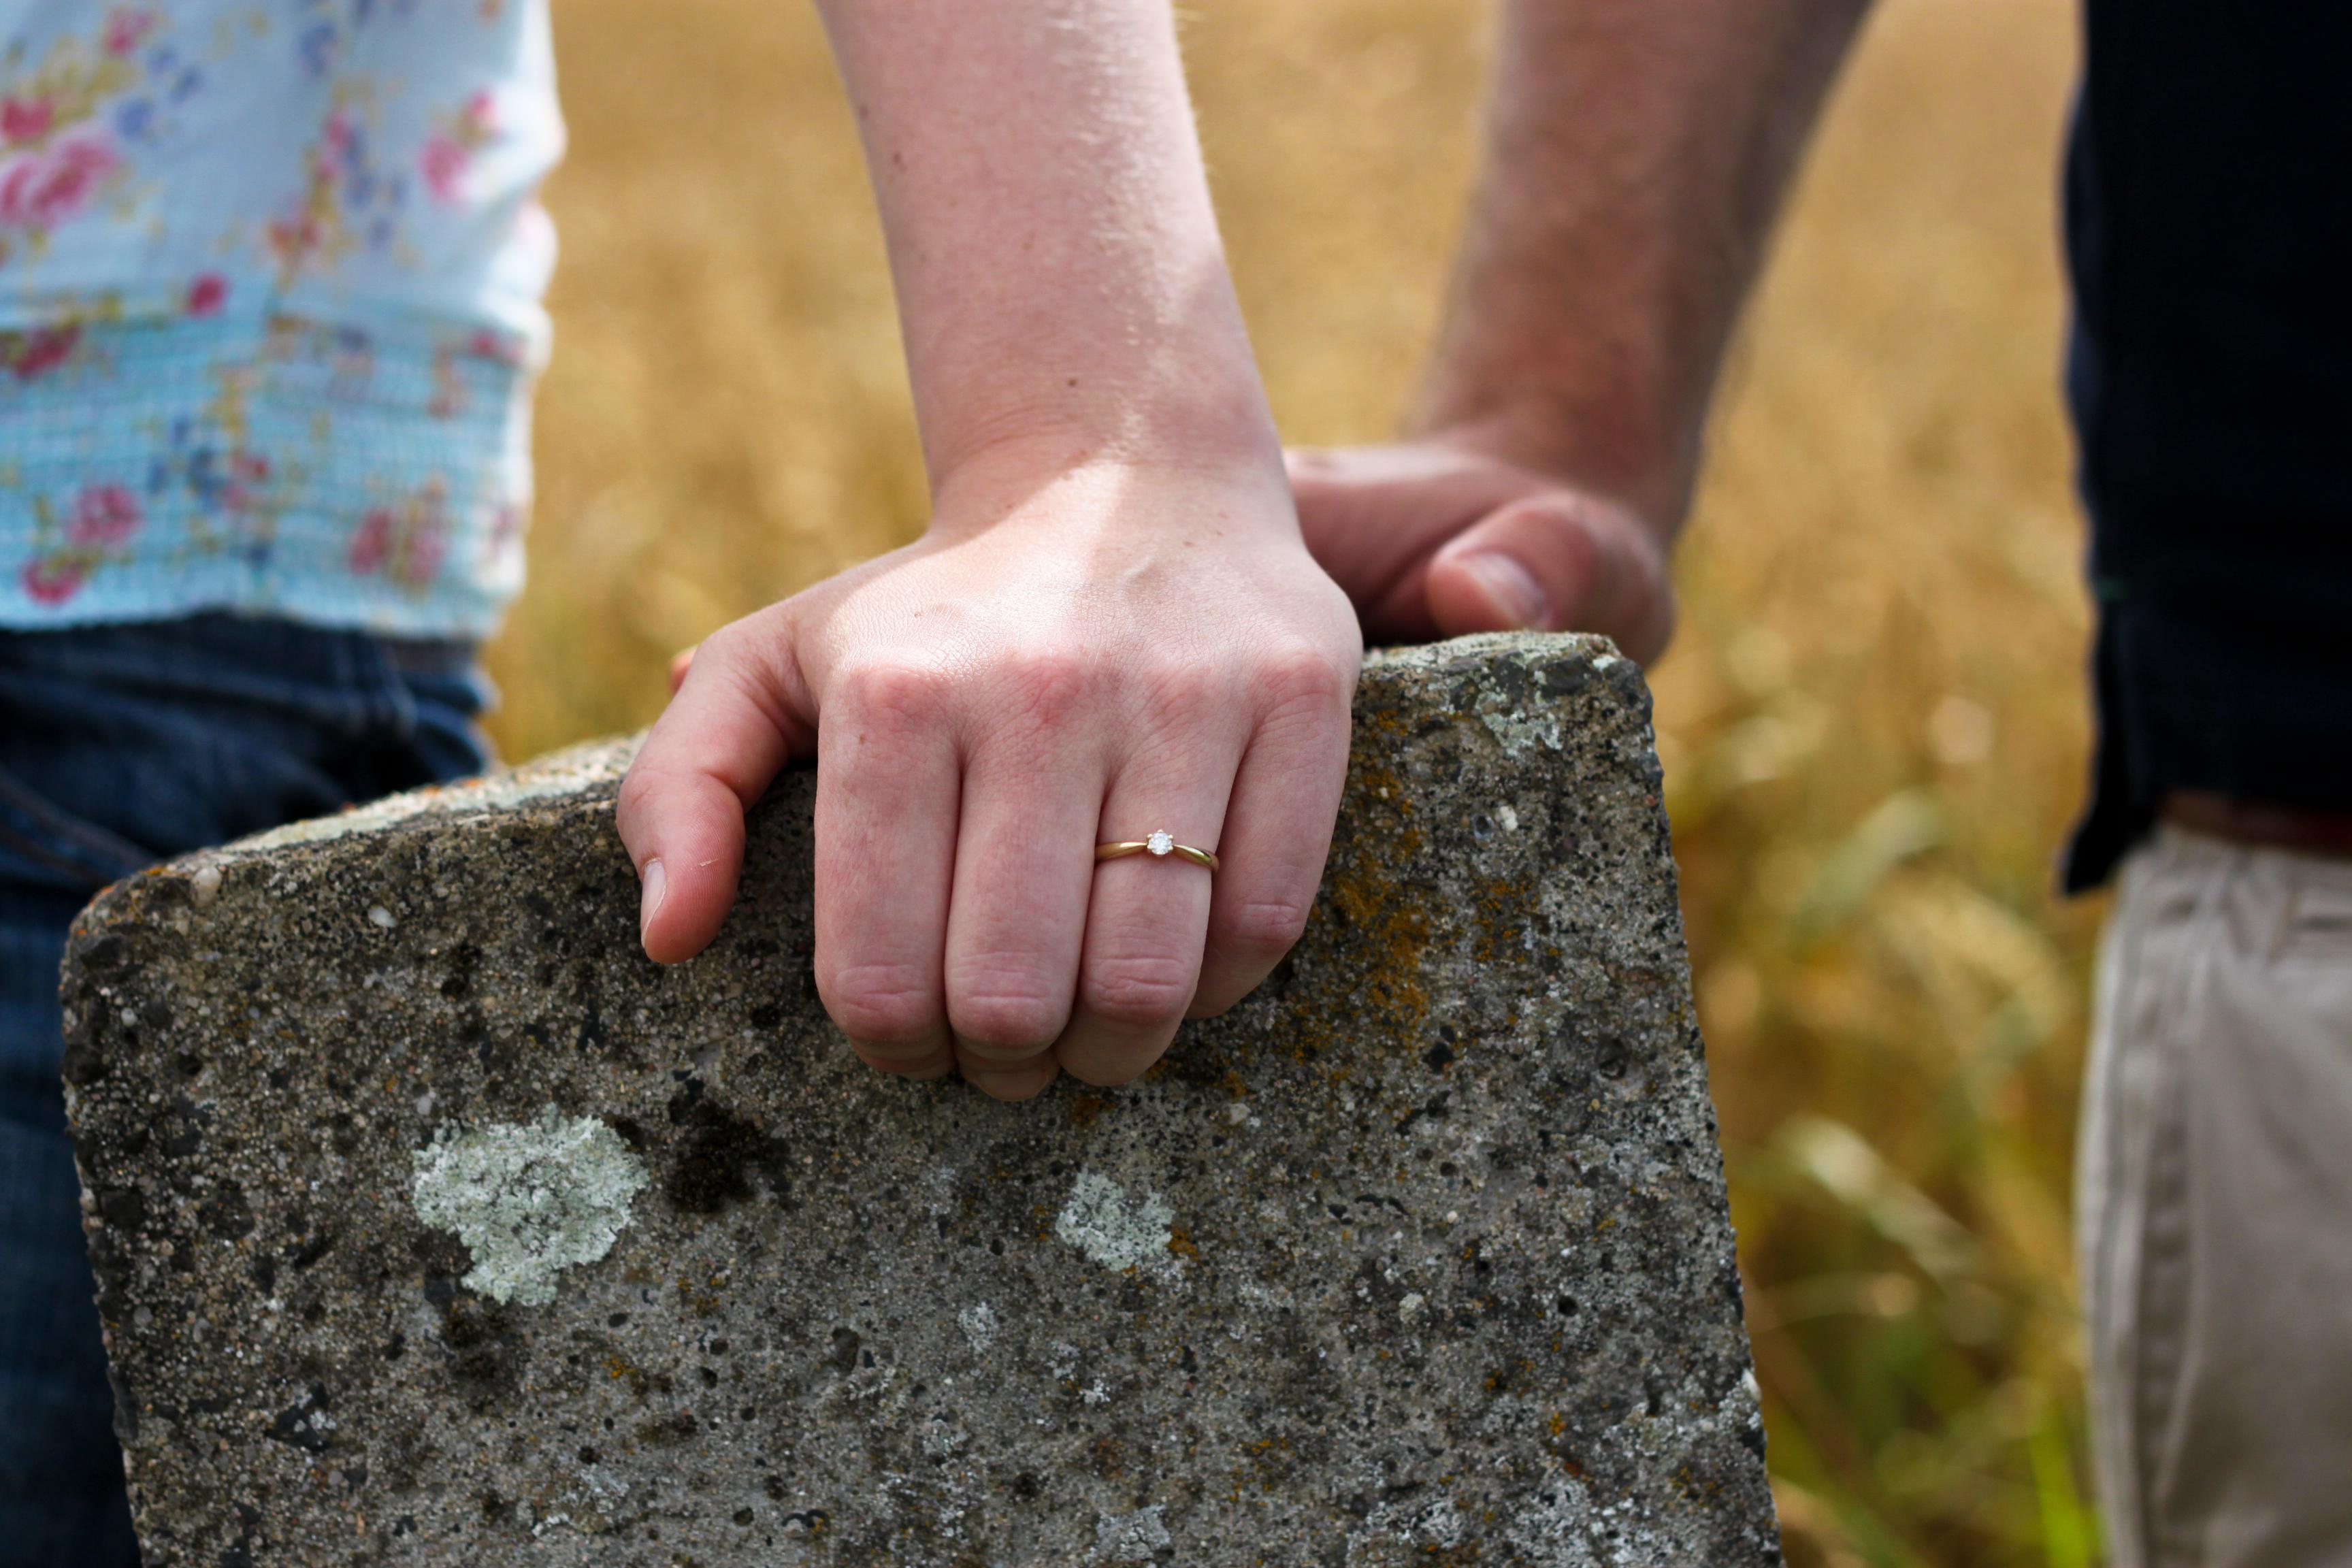 Custodia compartida: ¿eficaz para todos los progenitores?